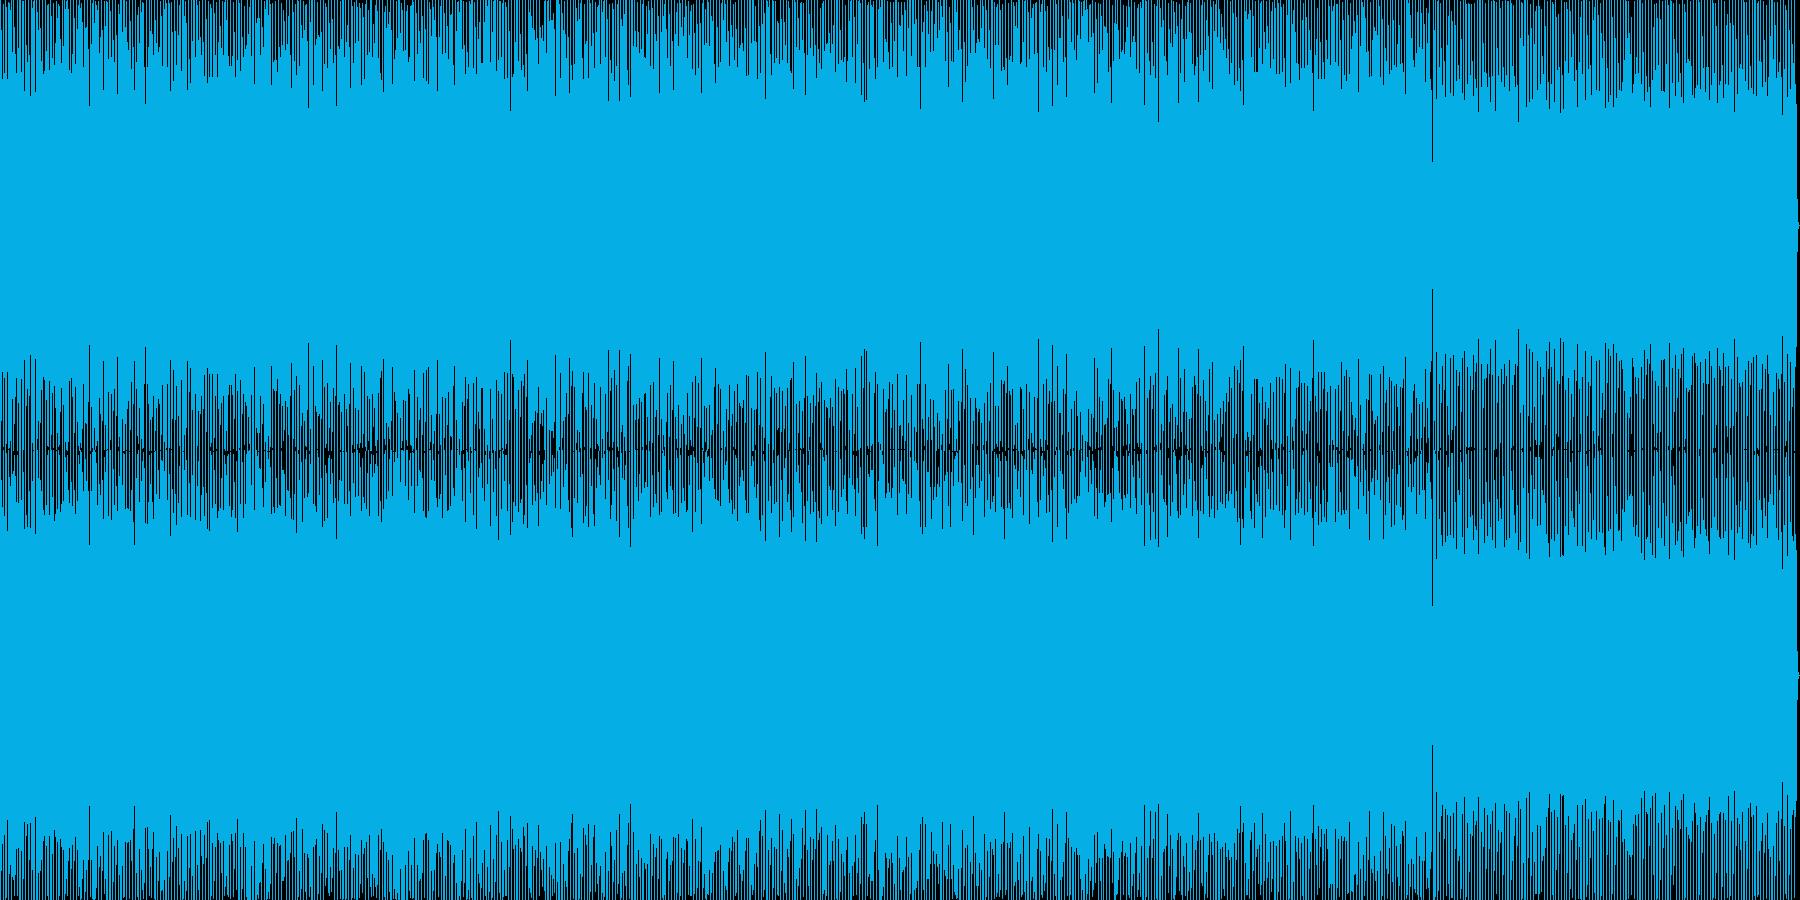 水面下・洞窟の暗いディープハウス楽曲の再生済みの波形